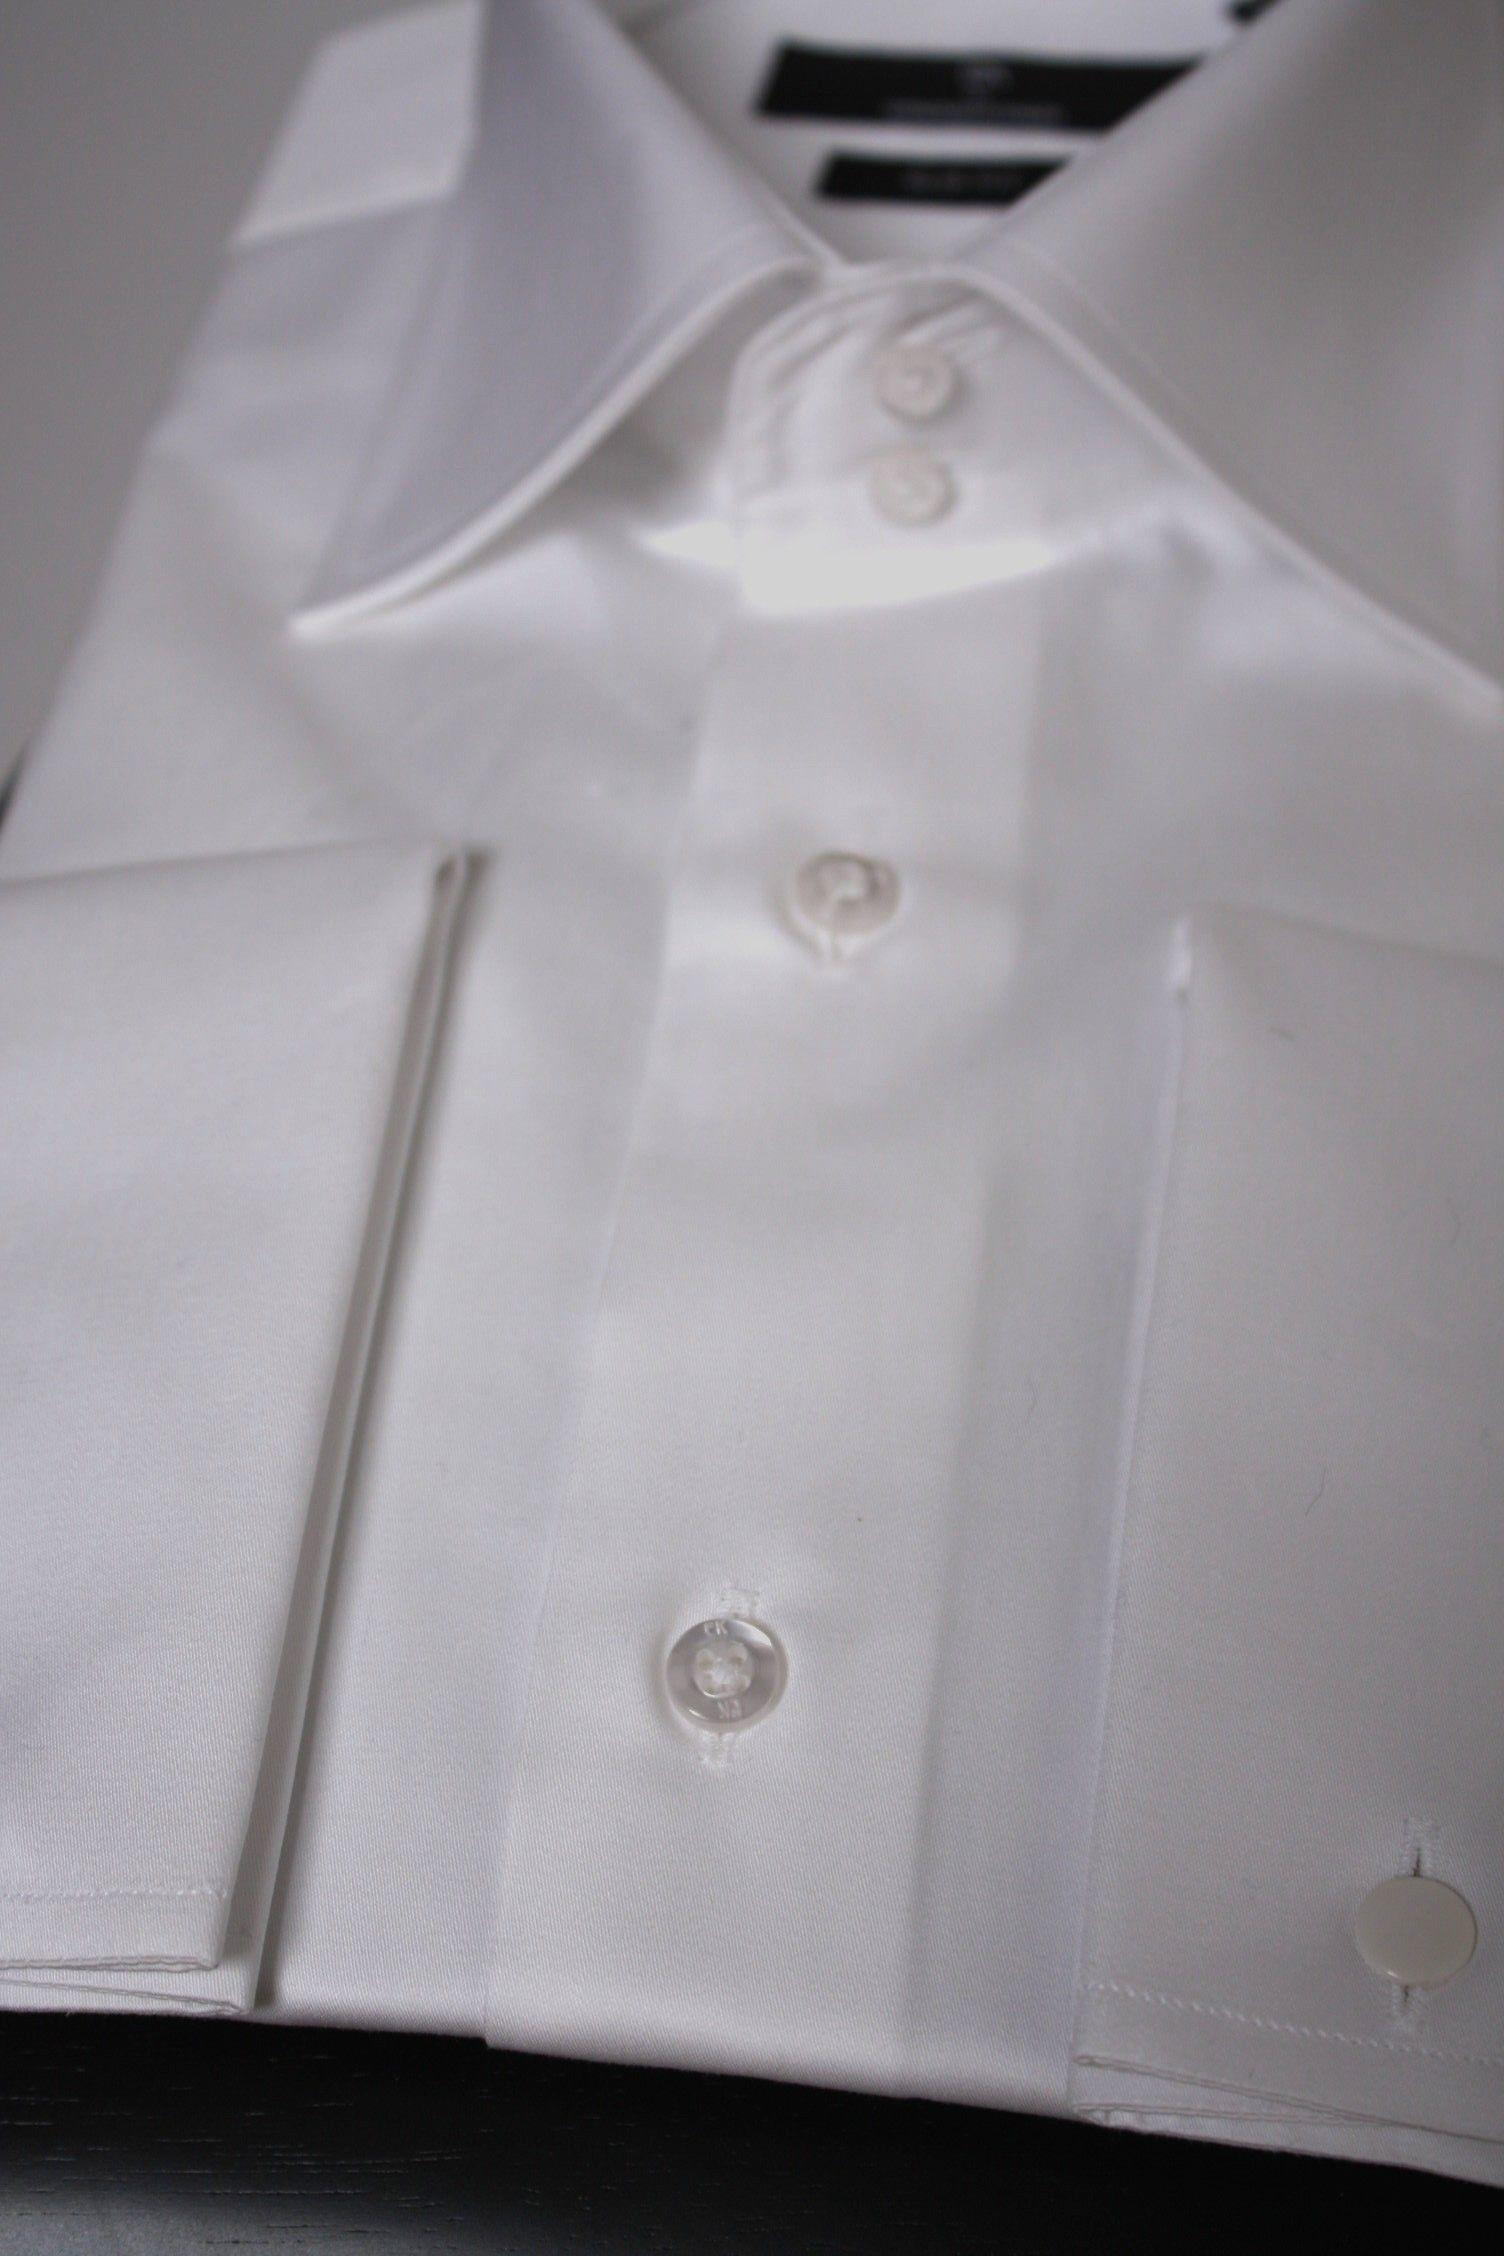 Chemise poignet mousquetaire cintrée coton - LNASTOCK   Les chemises ... 8620fd39a7f4